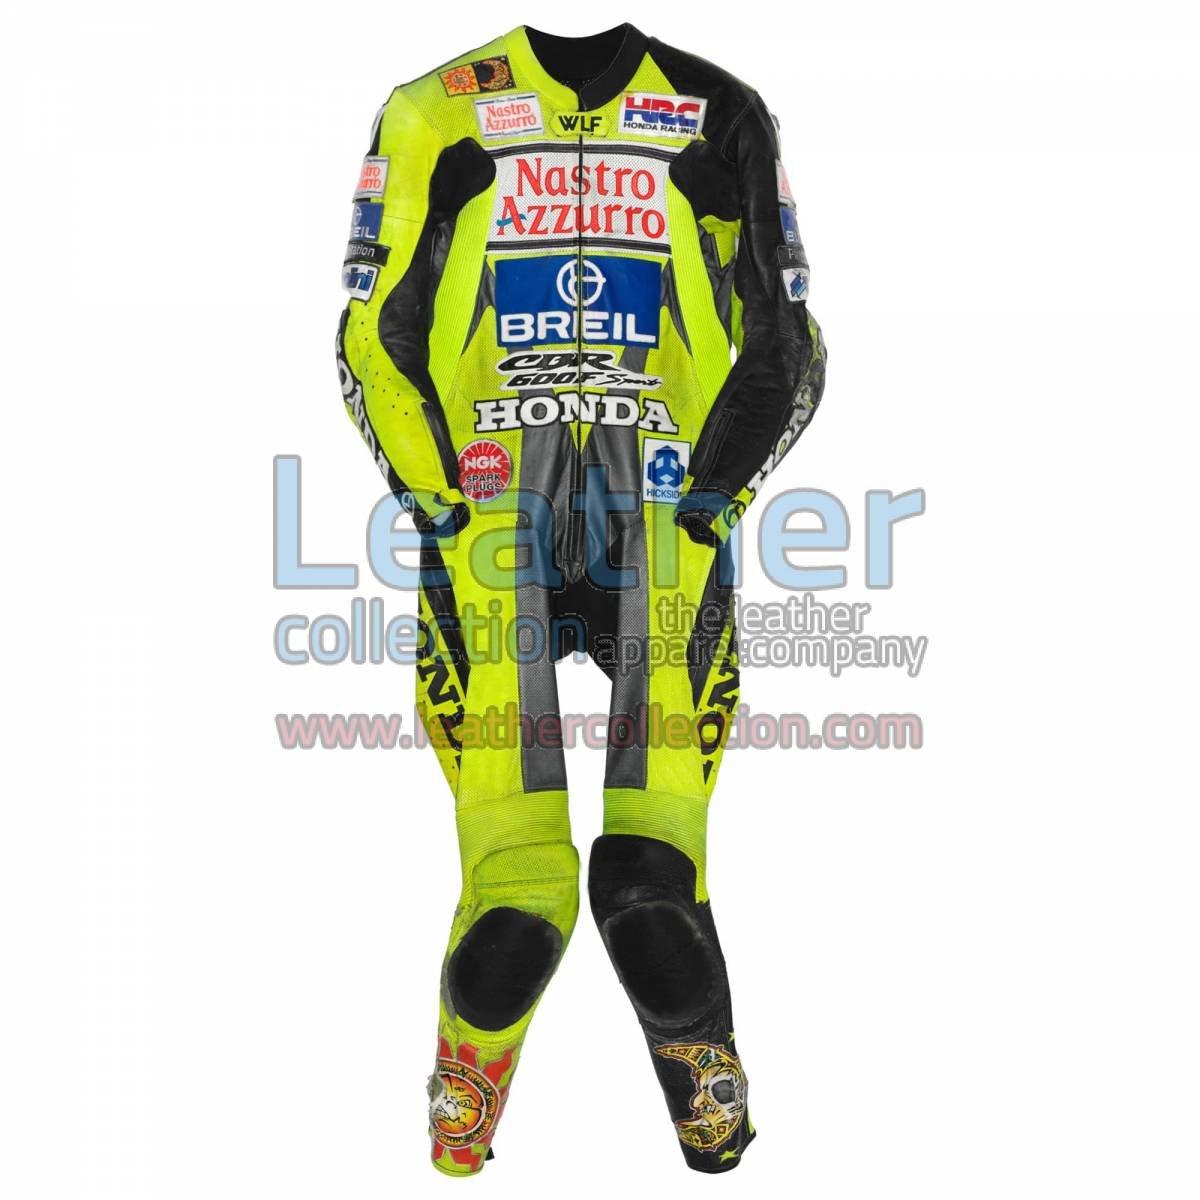 Valentino Rossi Honda CBR 600 GP 2000 Leather Suit